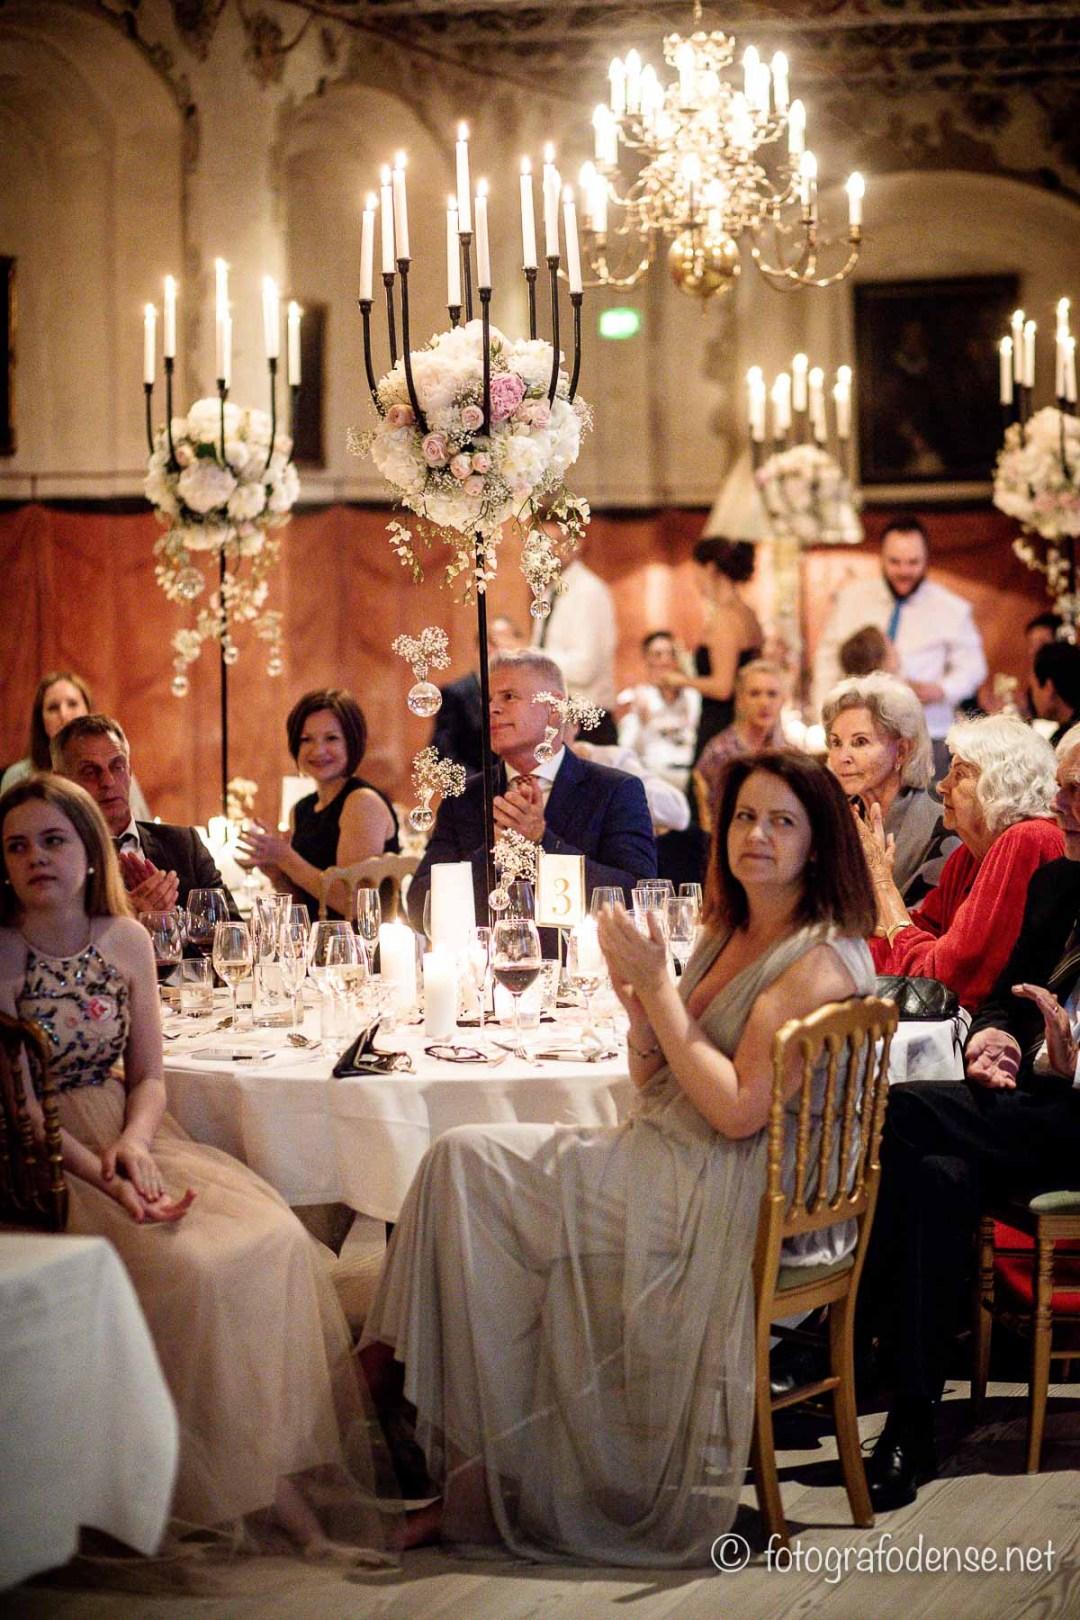 Unikke Bryllupsbilleder | Smukke billeder fra dagen